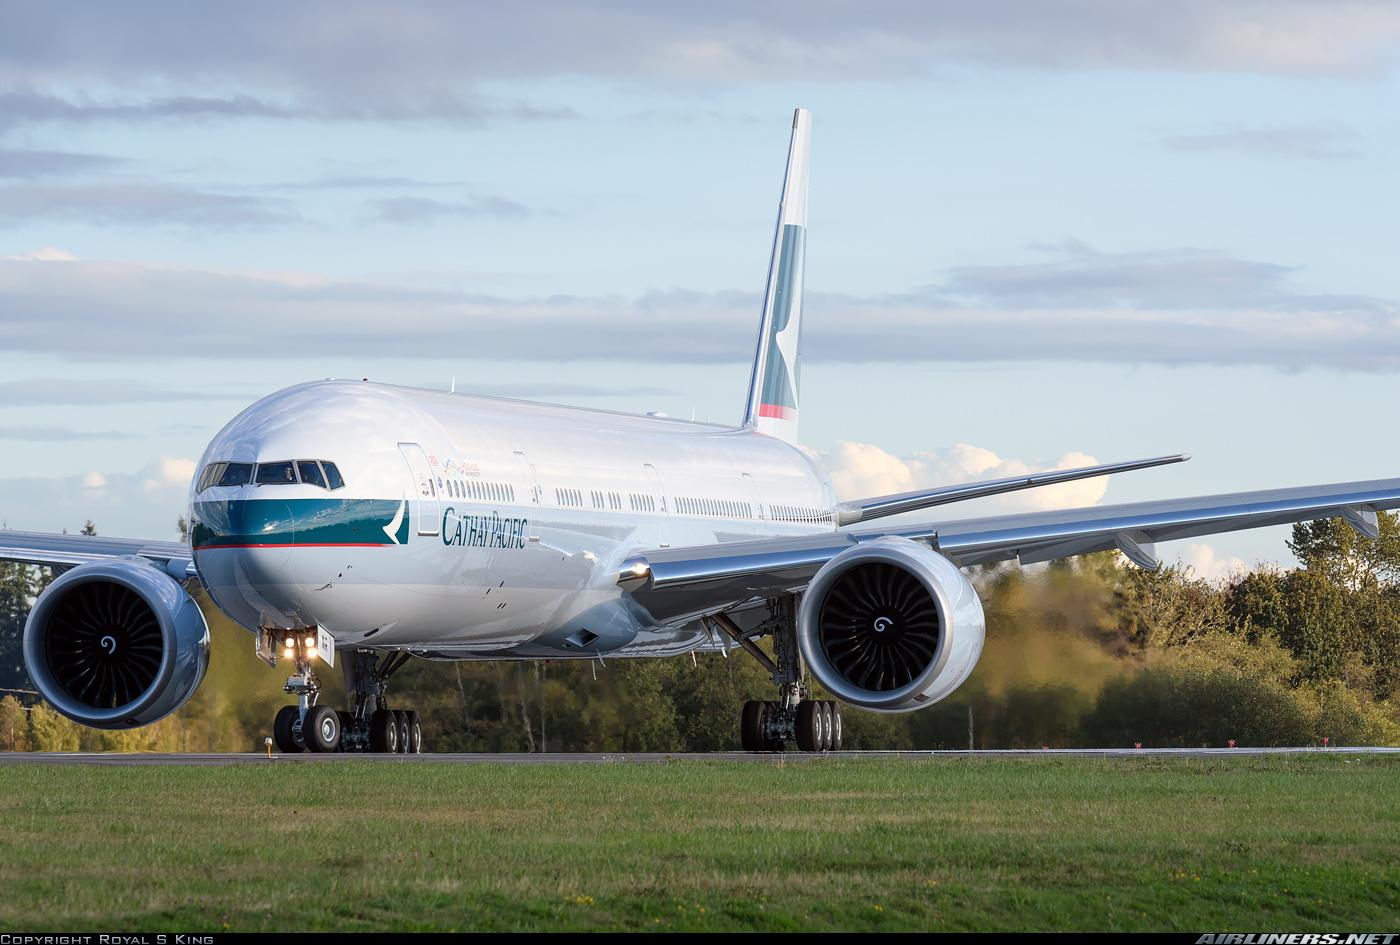 http://cdn-www.airliners.net/aviation-photos/photos/8/2/8/2707828.jpg